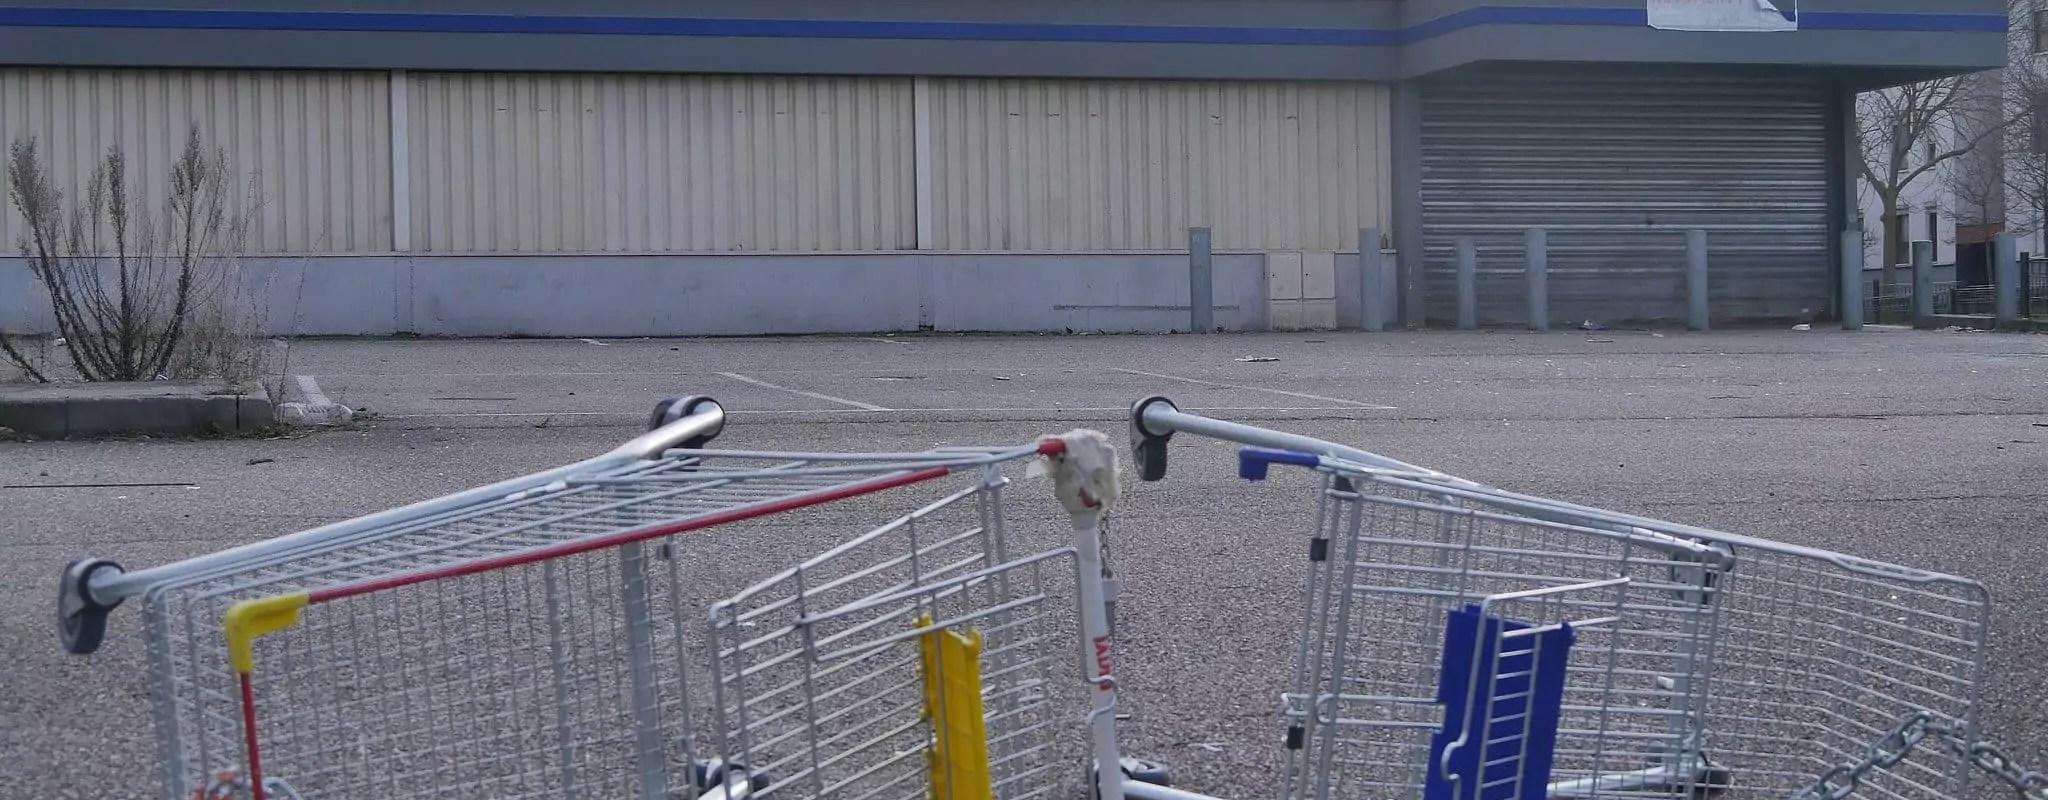 Deux pistes et une course politique pour rouvrir le supermarché de l'Elsau